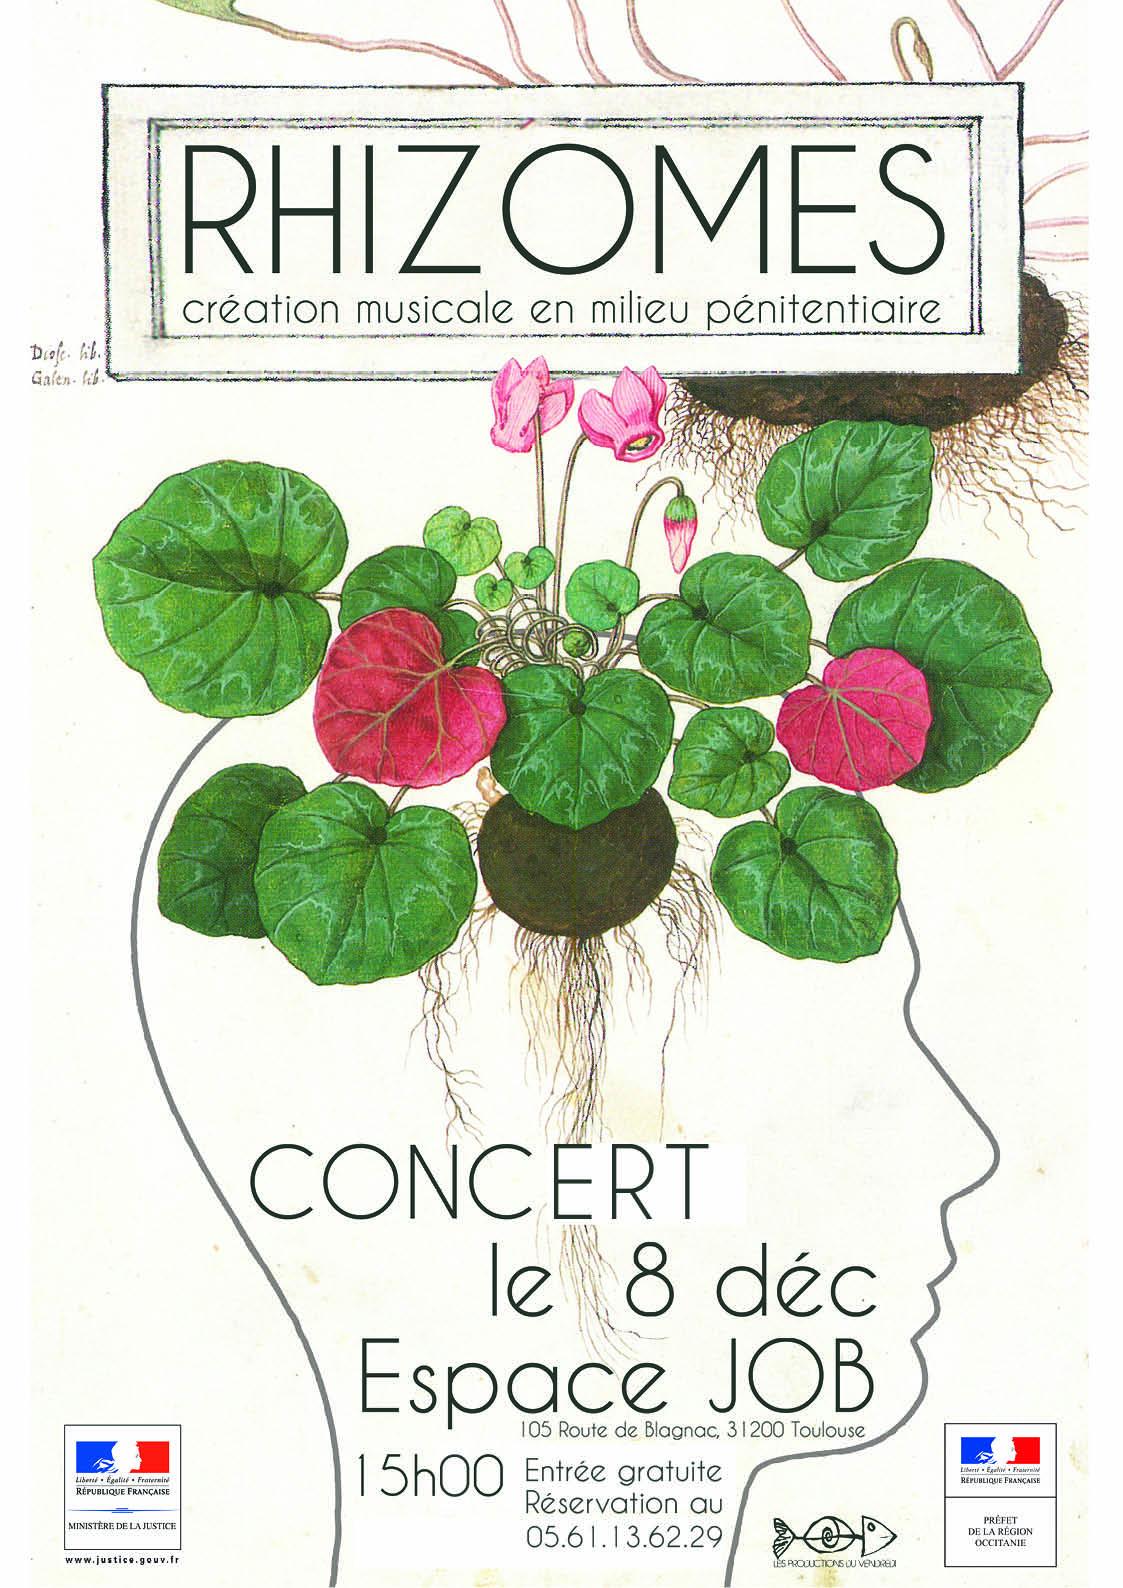 rhizomes-affiche-modif_ld